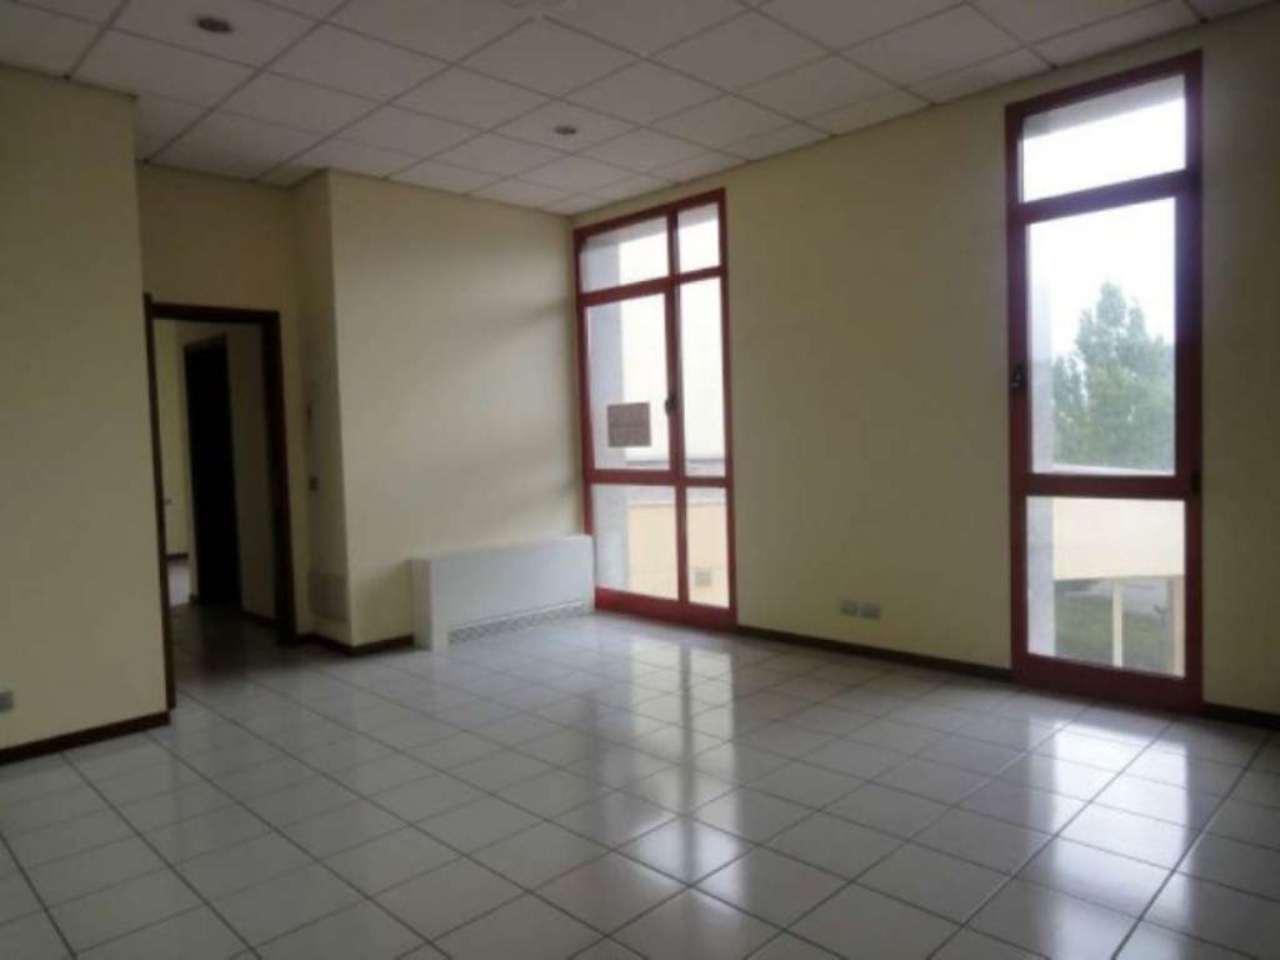 Ufficio / Studio in vendita a Quarto d'Altino, 2 locali, prezzo € 60.000 | Cambio Casa.it